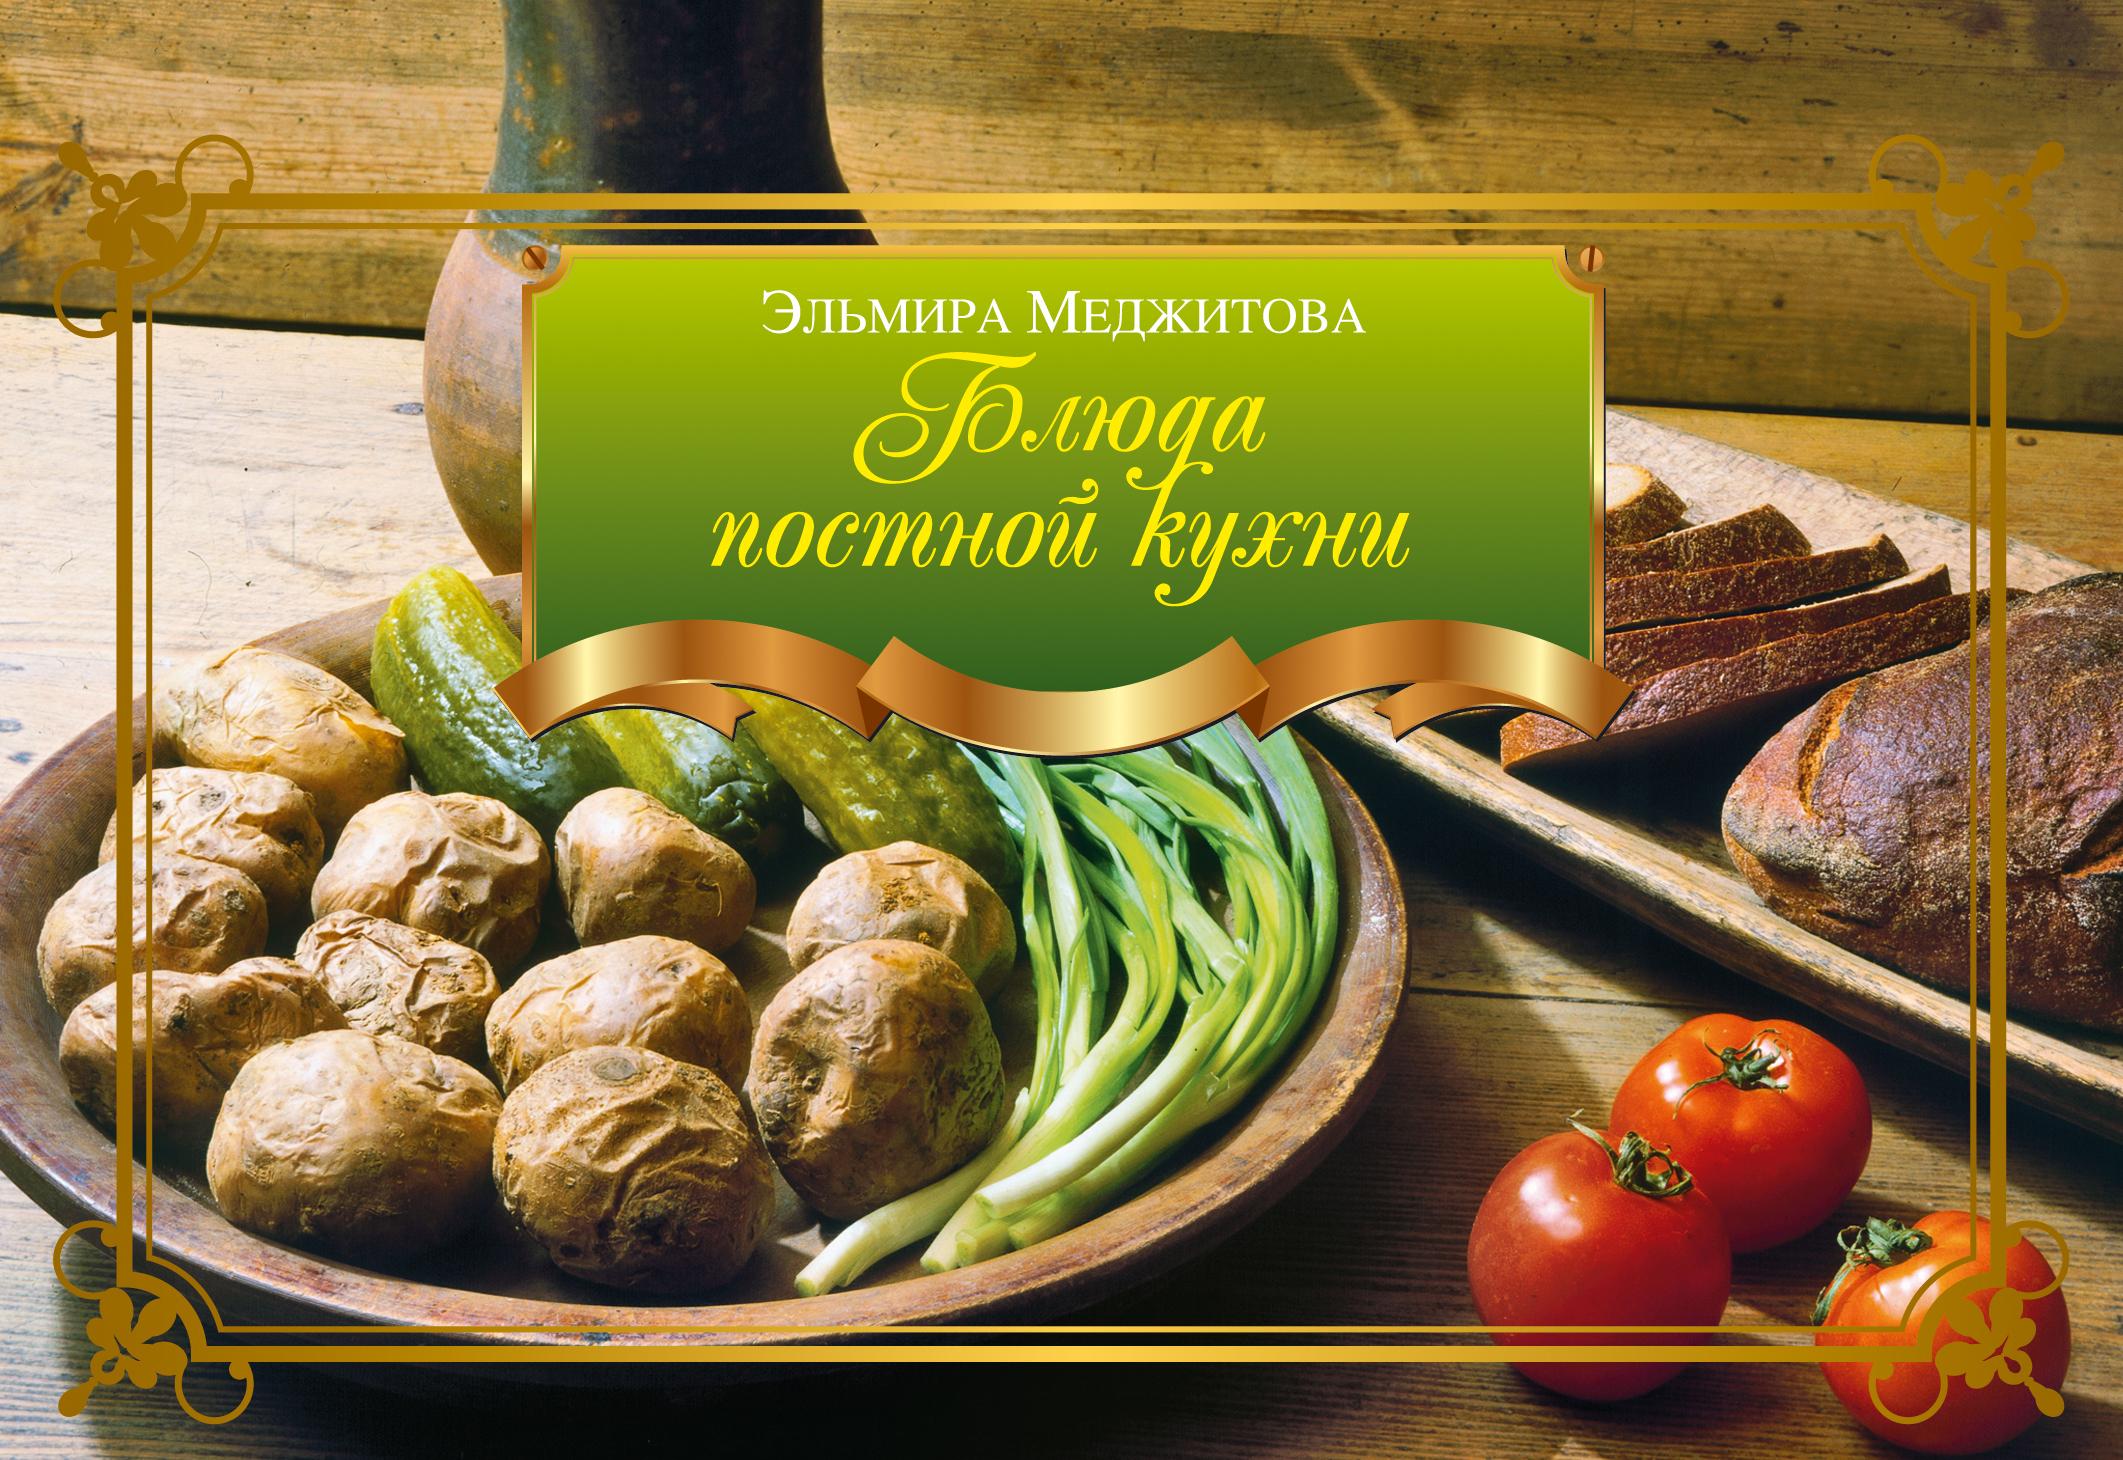 Меджитова Эльмира Джеватовна. (2012)Блюда постной кухни | Меджитова Эльмира Джеватовна